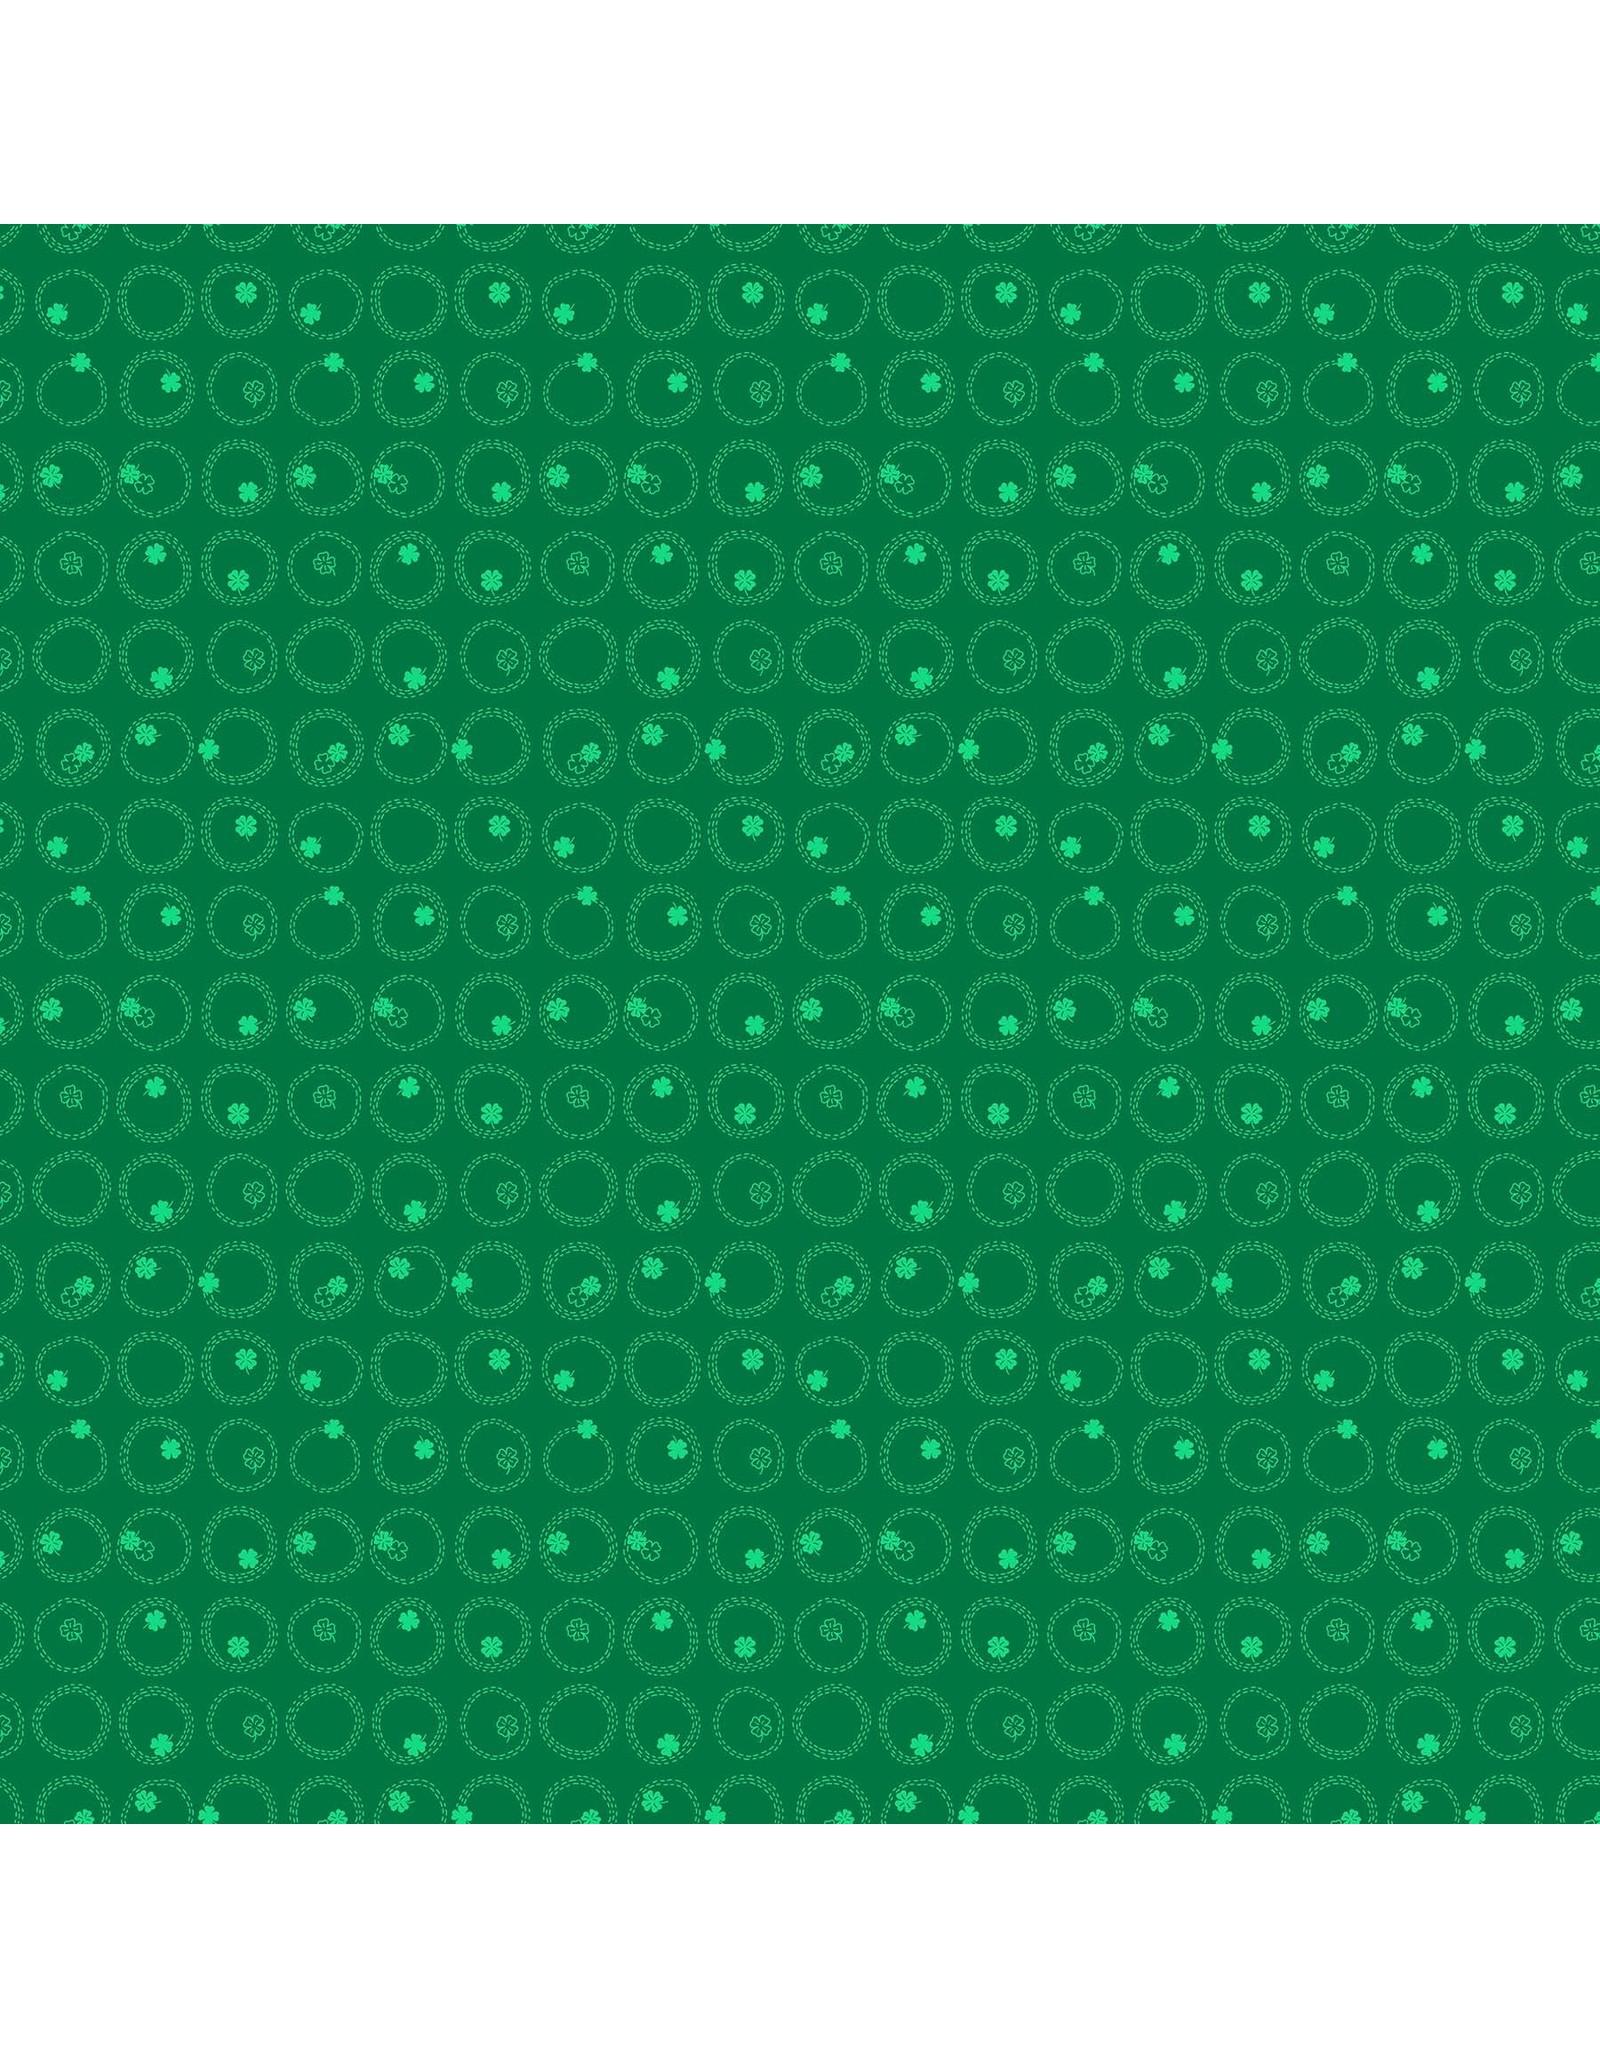 Figo Lucky Charms - Clovers Green